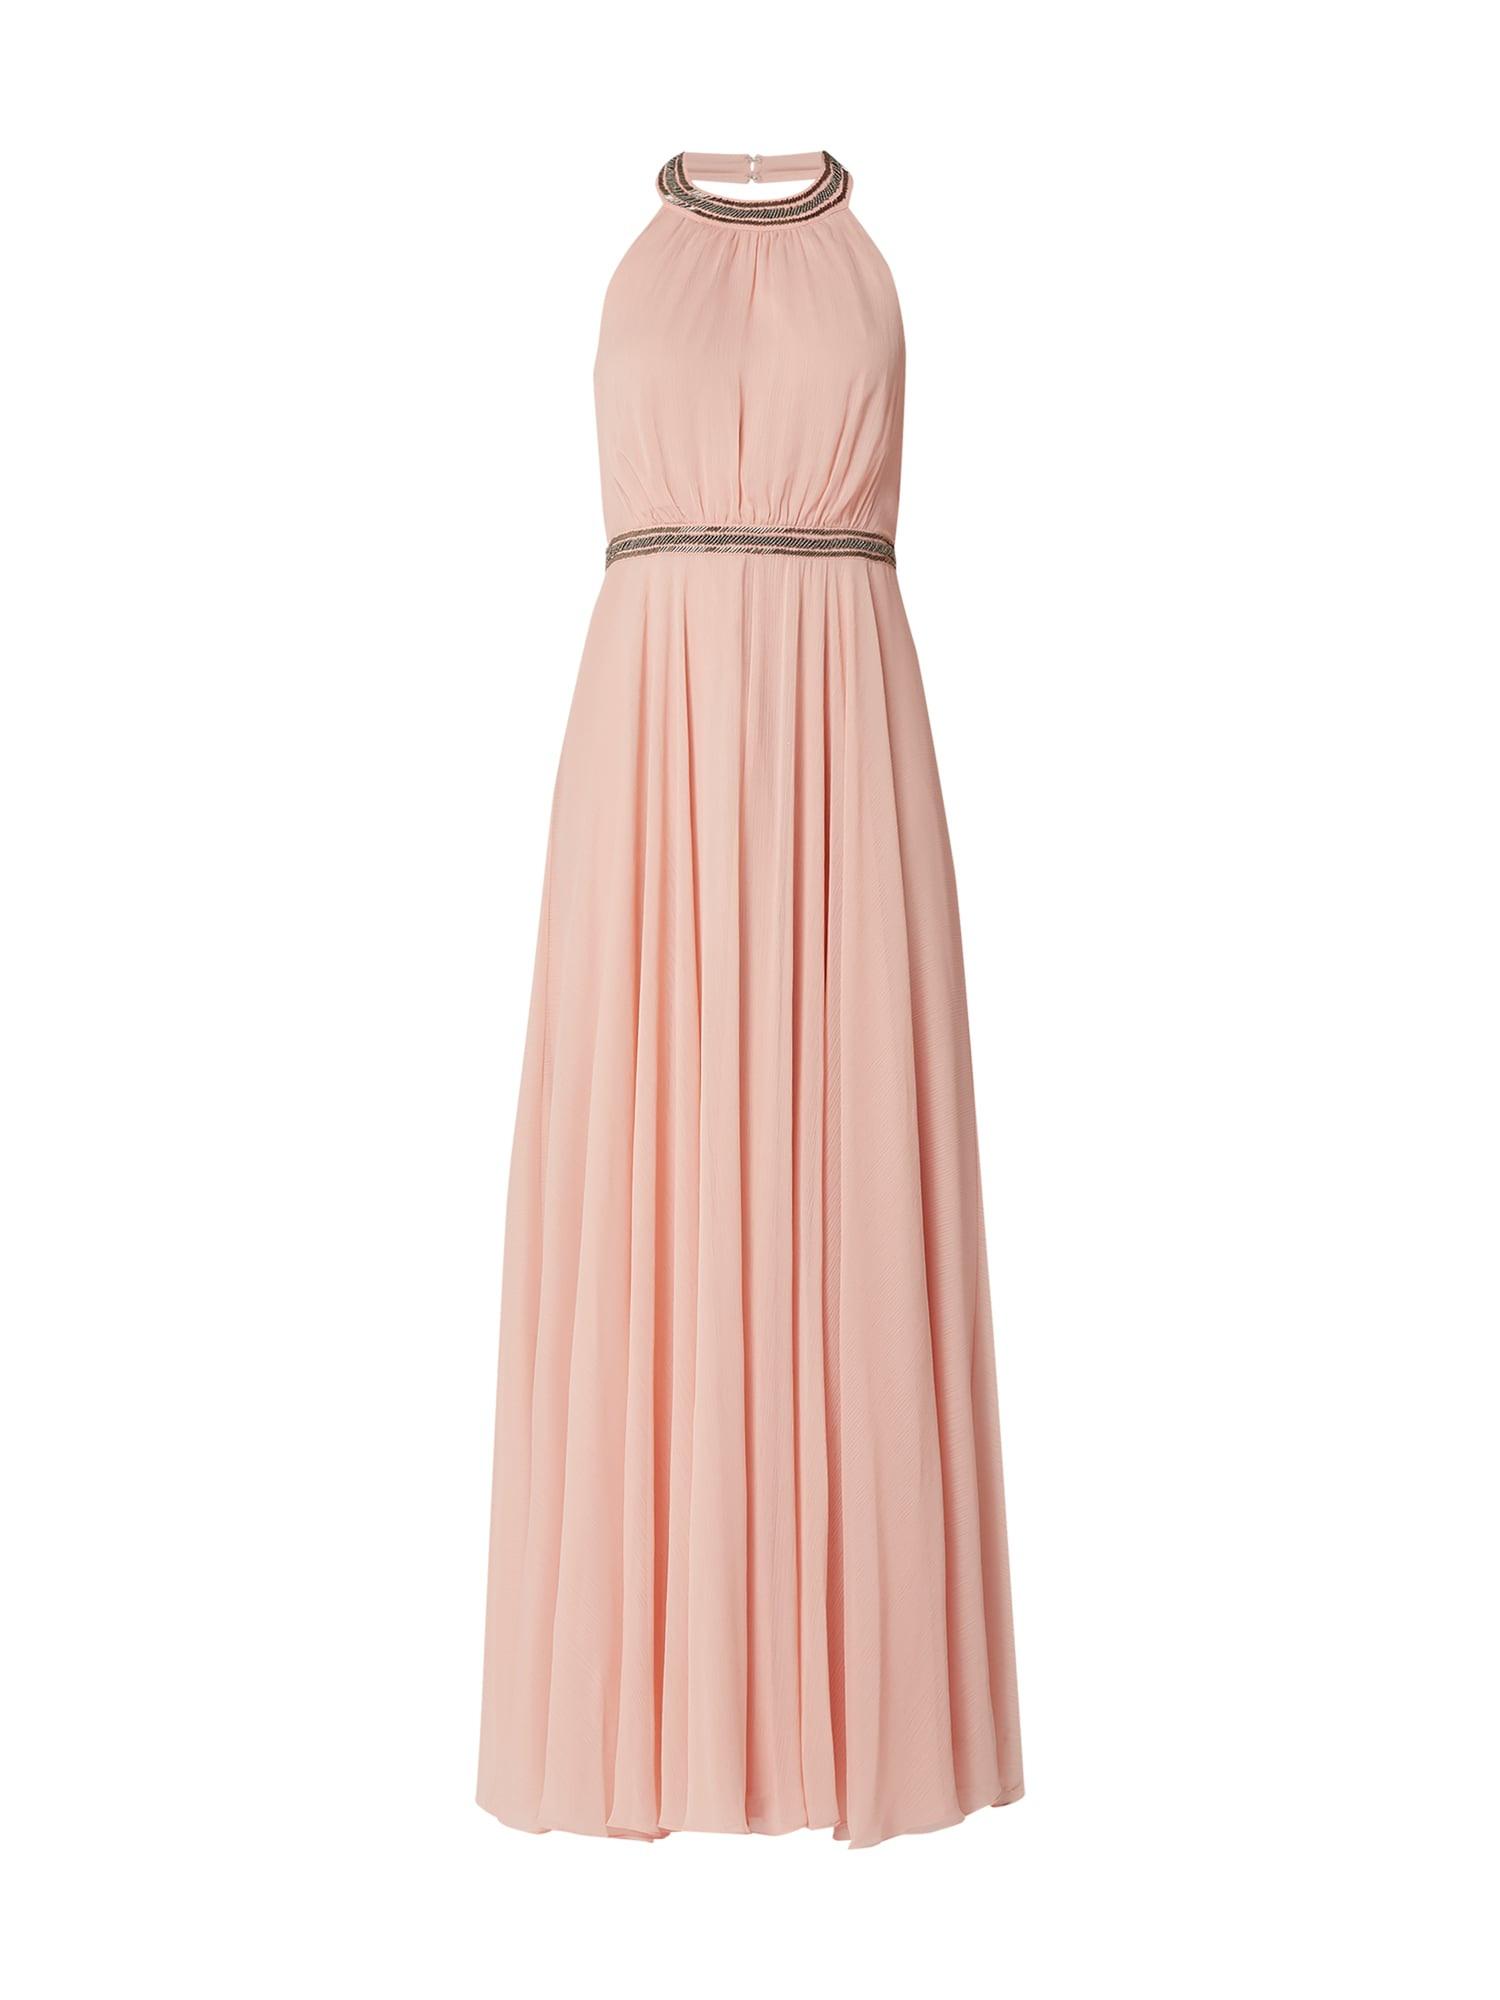 15 Luxurius Abendkleider Esprit GalerieDesigner Perfekt Abendkleider Esprit Stylish